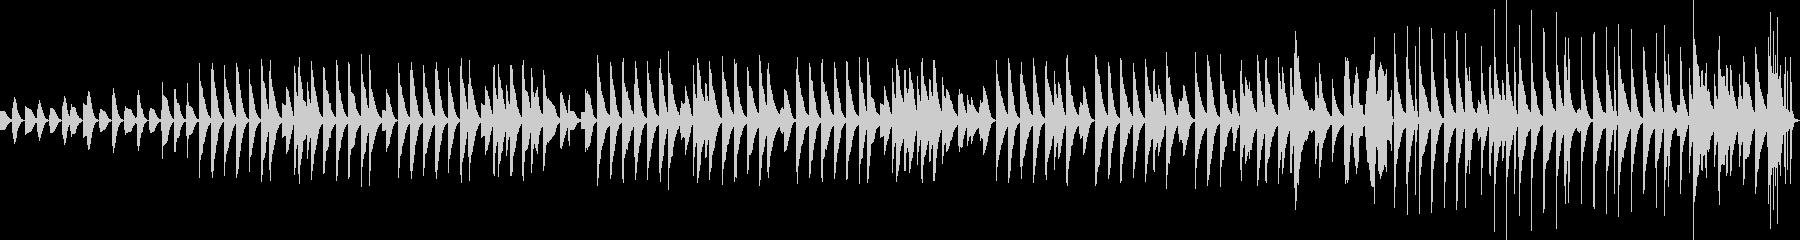 木琴が奏でるほのぼのとしたBGMその2の未再生の波形